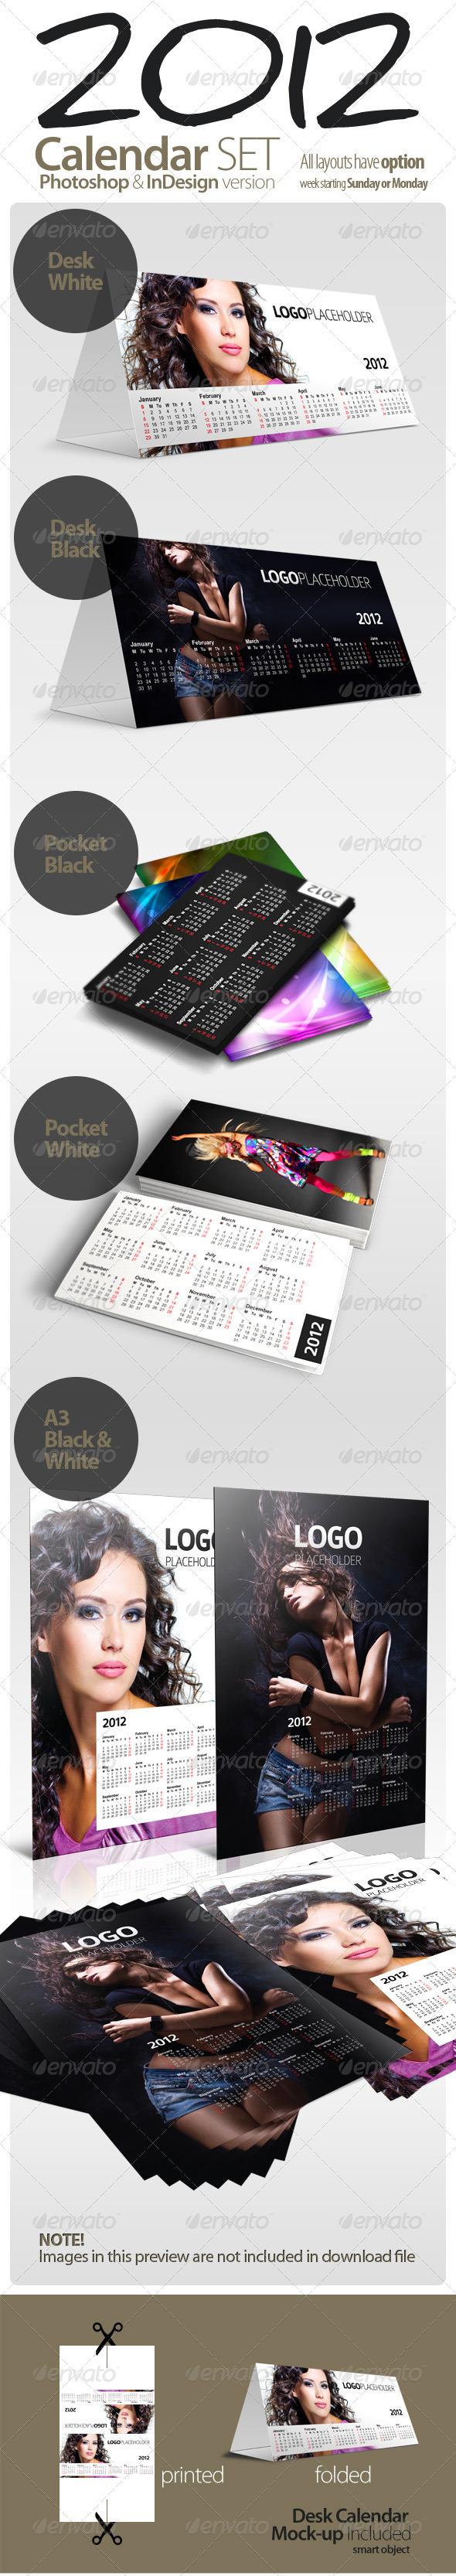 GraphicRiver 2012 Calendar SET 842015